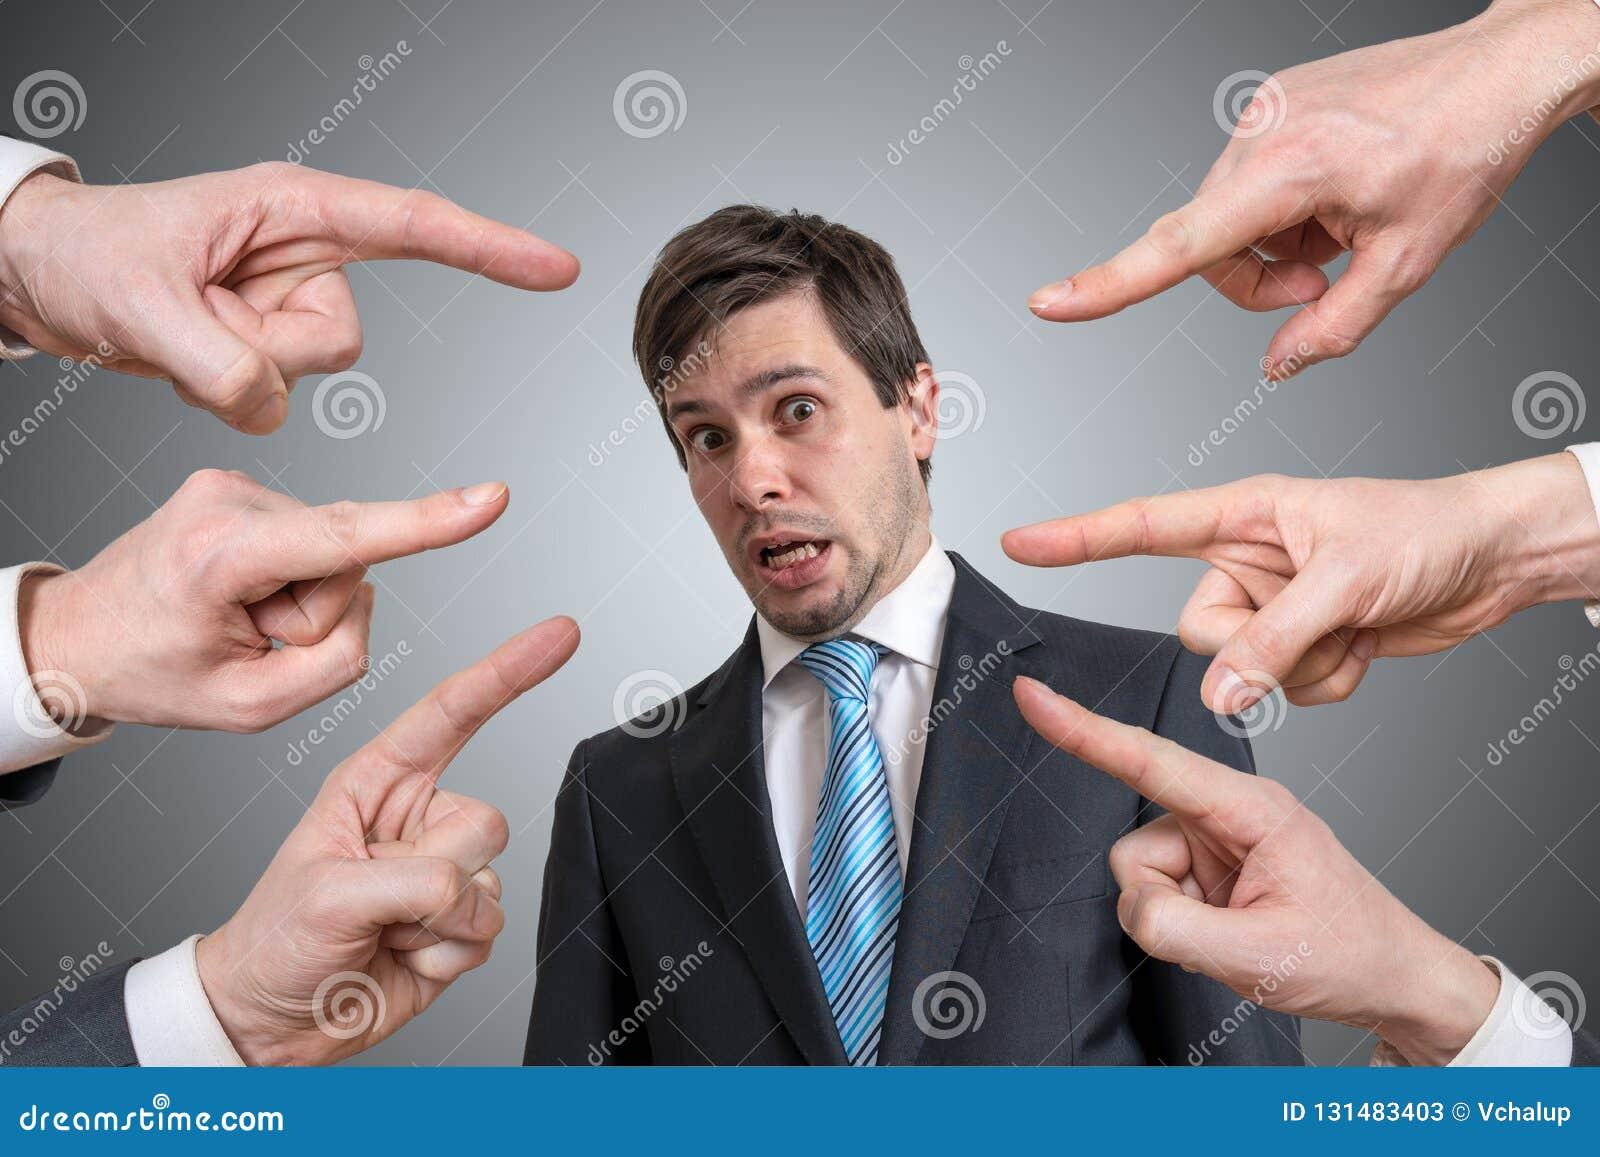 Vele handen richten op de schuldige mens en beschuldigen hem